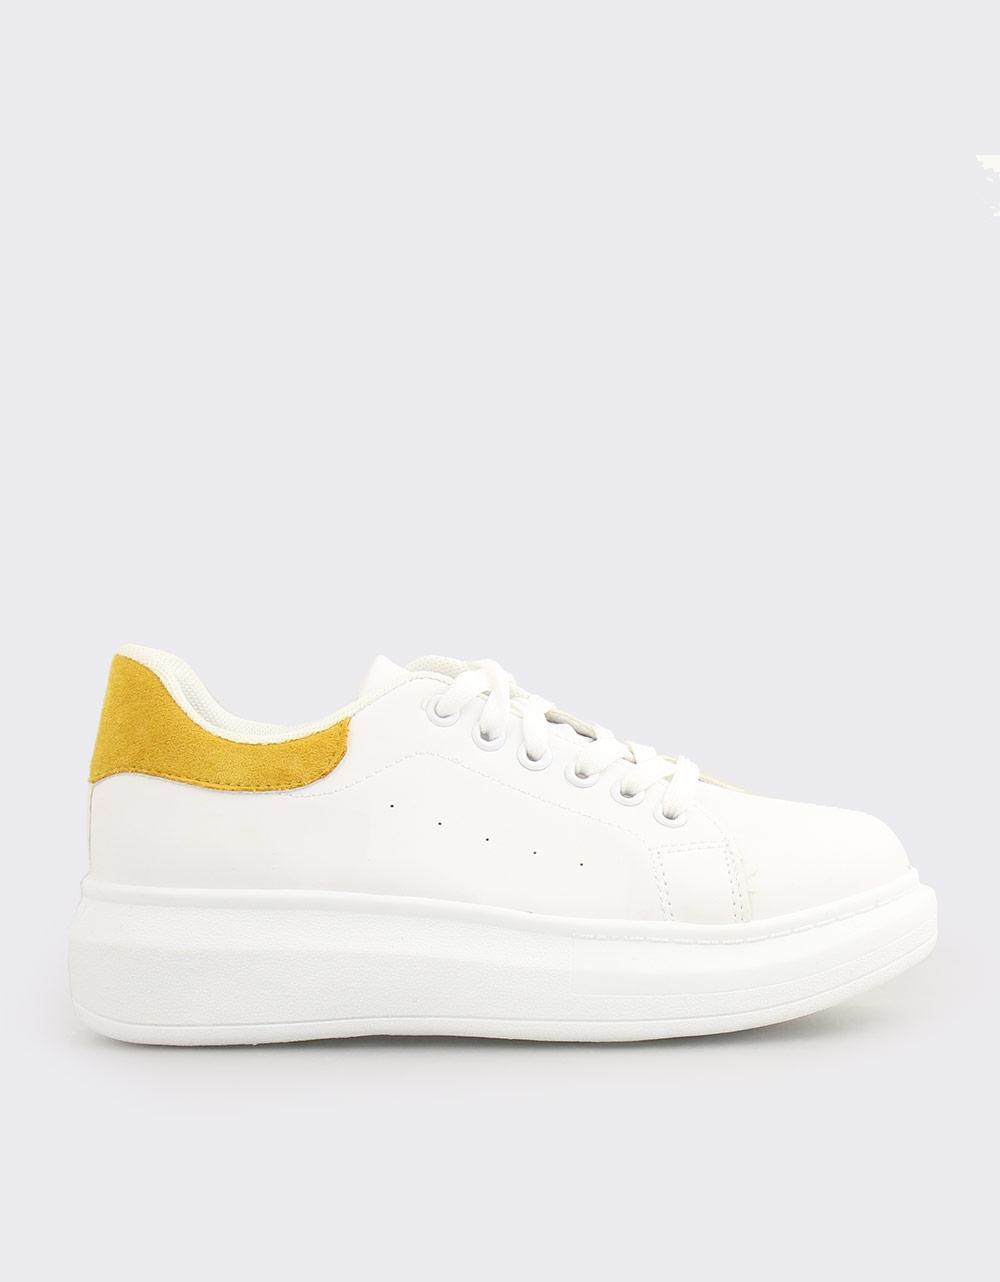 Εικόνα από Γυναικεία sneakers μονόχρωμα με λεπτομέρεια Λευκό/Κίτρινο